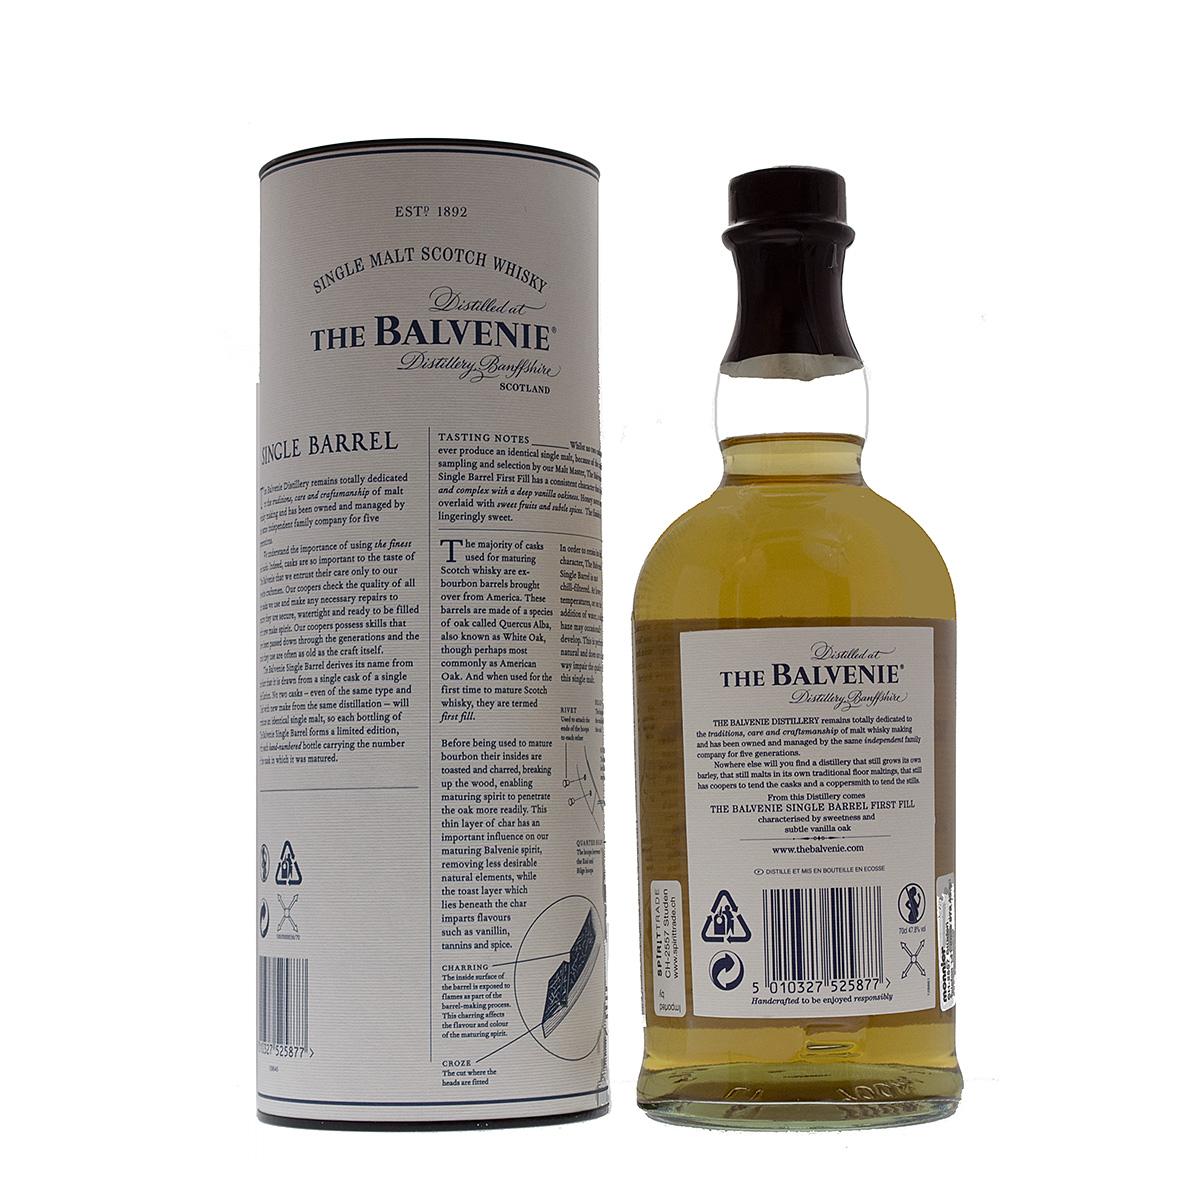 Balvenie Whisky Tour